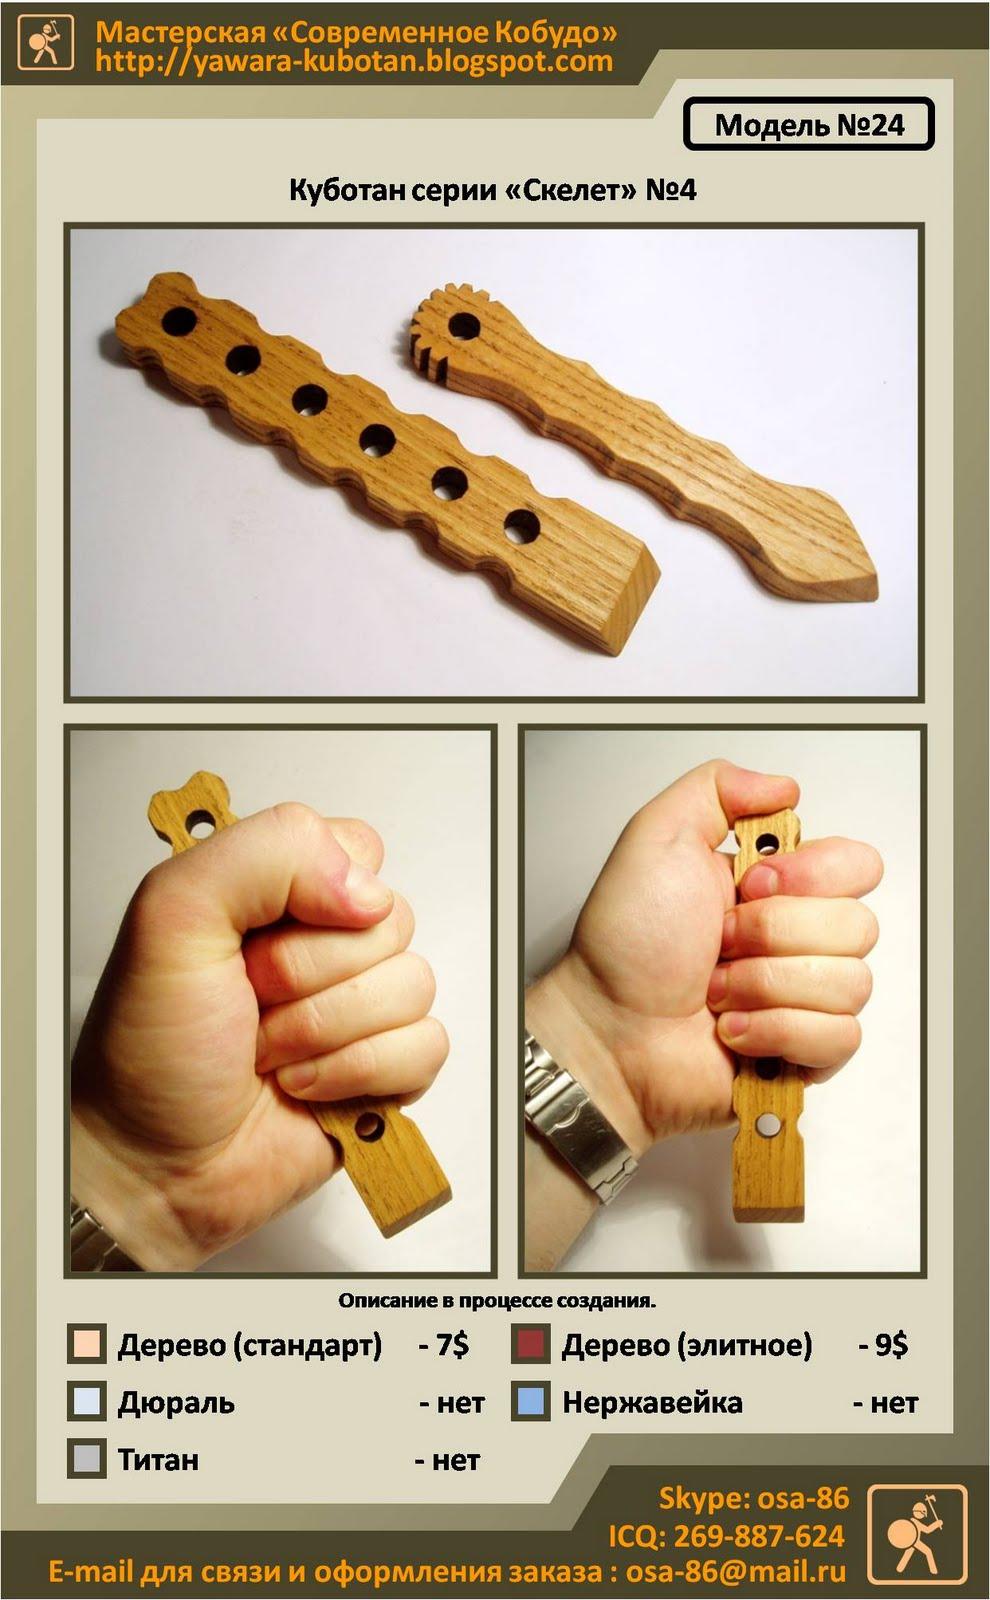 Как сделать явару или куботан своими руками